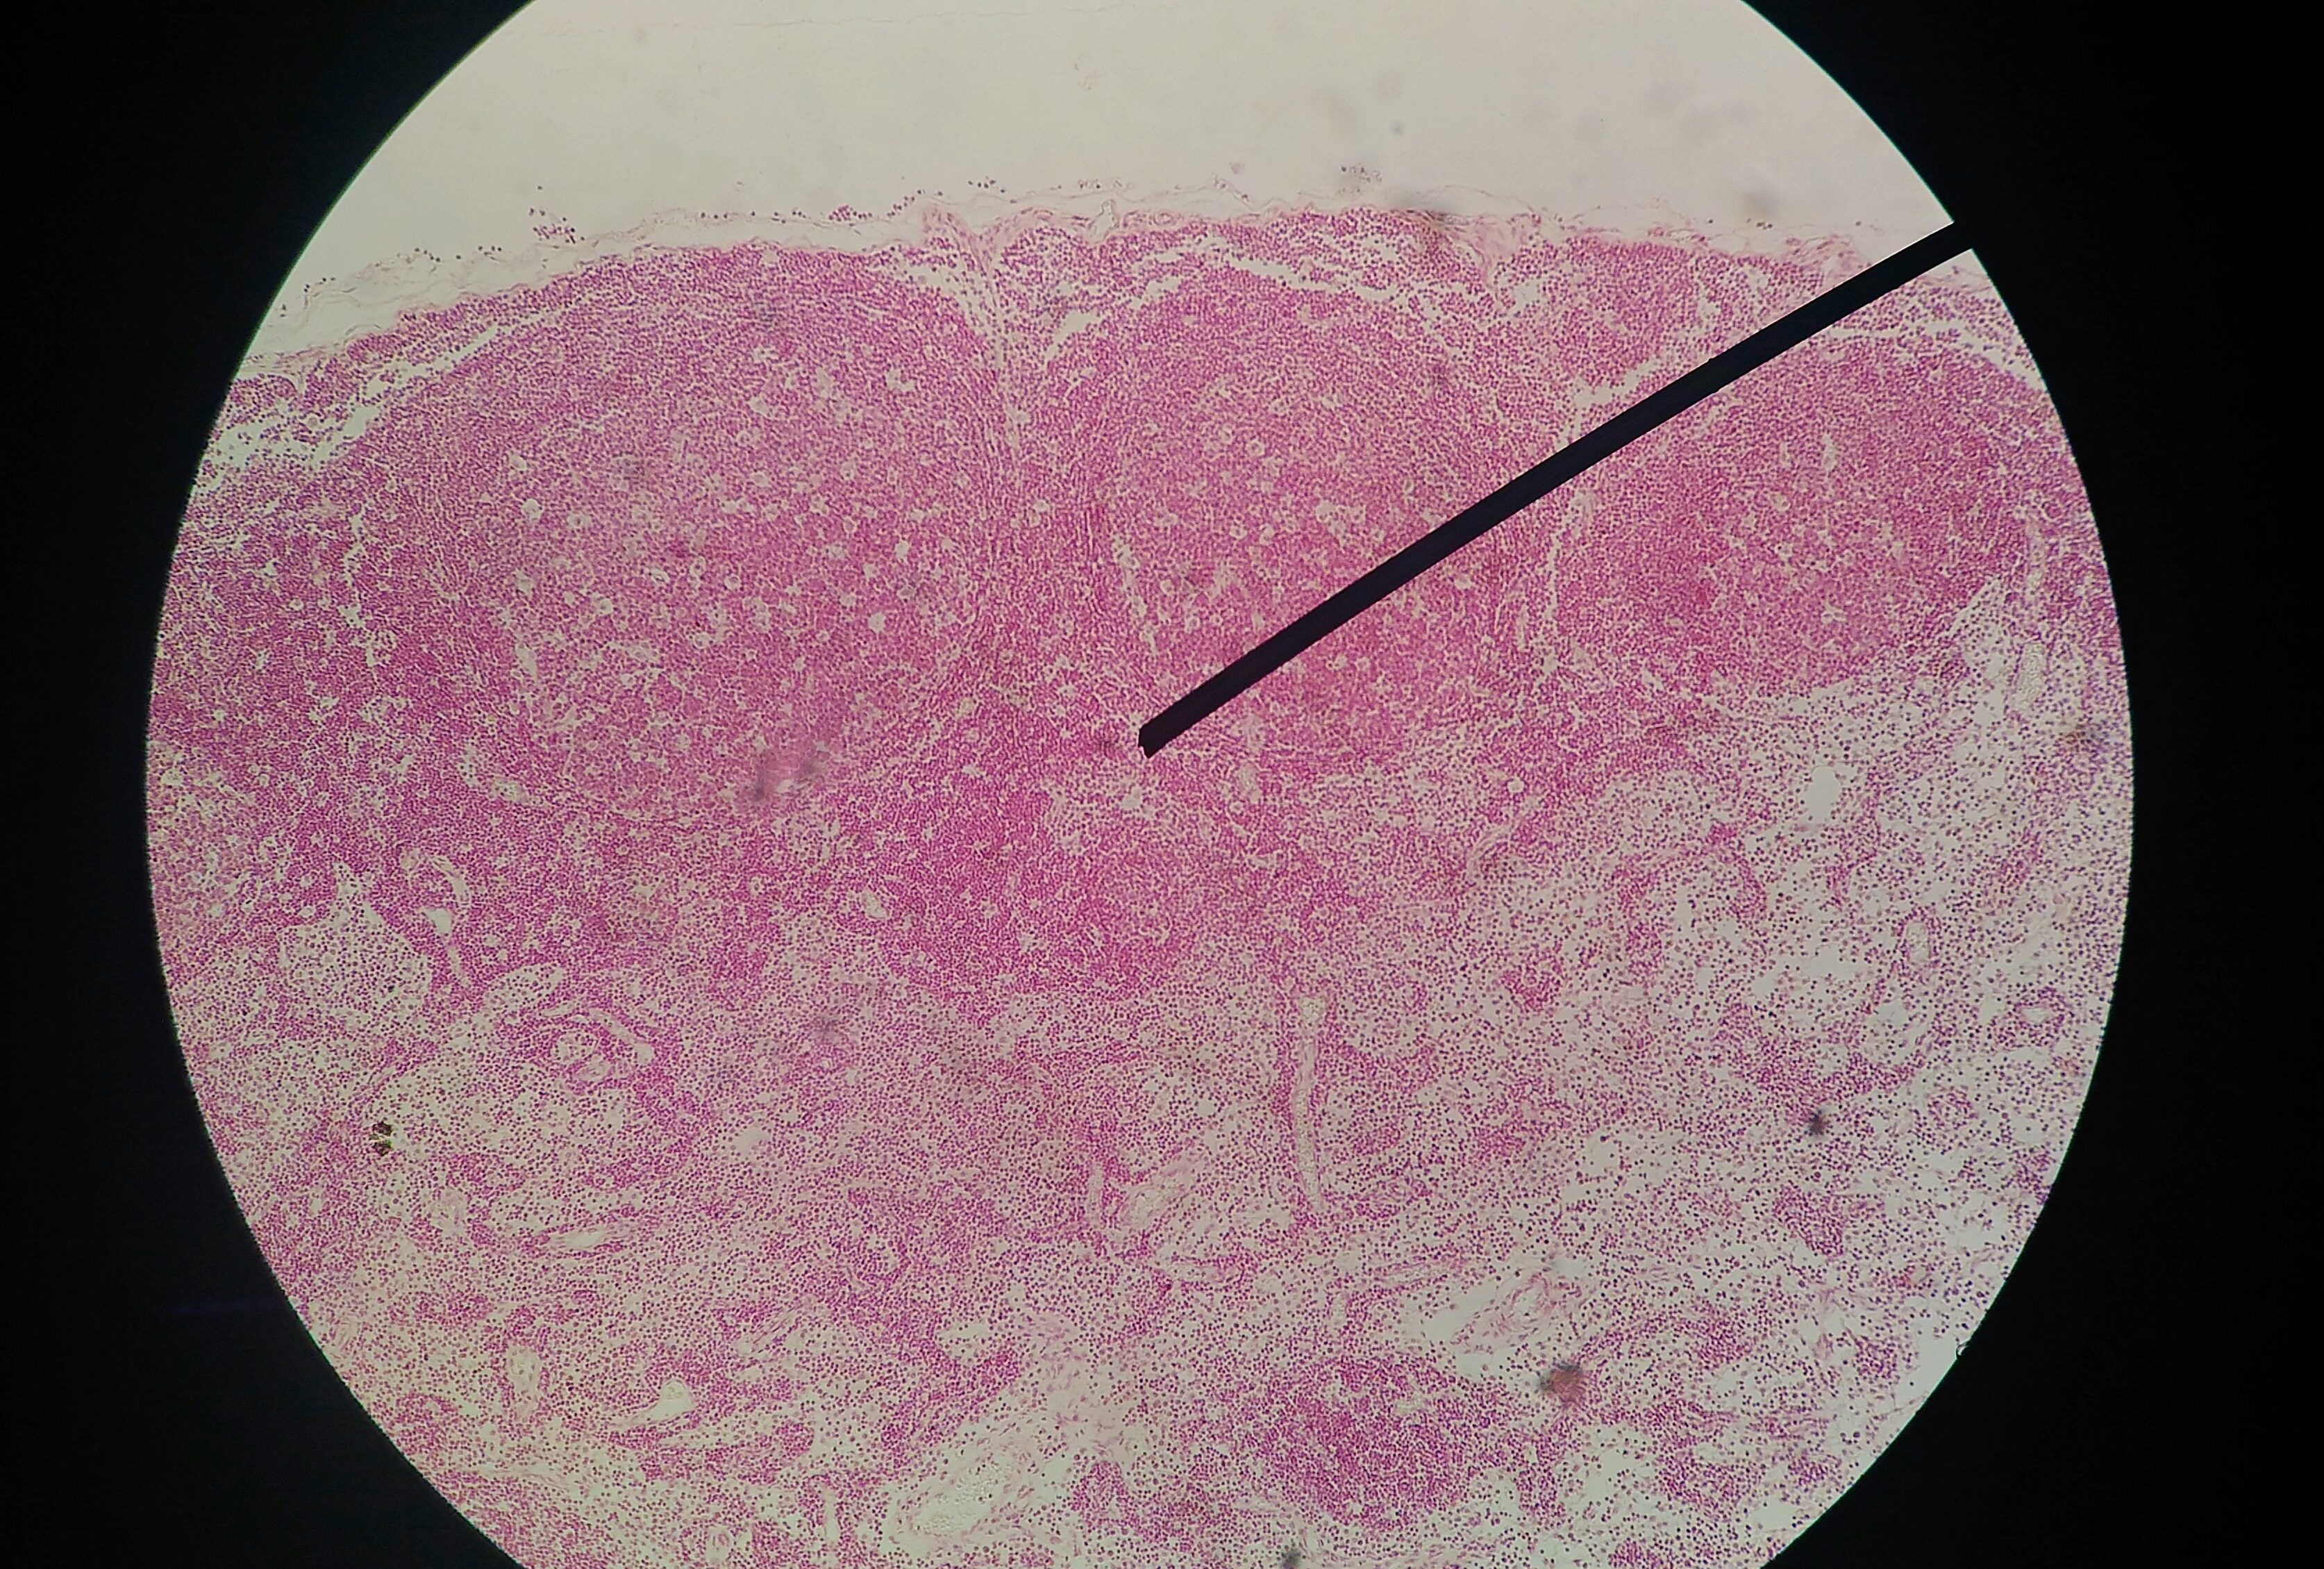 cancer testcancer testicule hamster